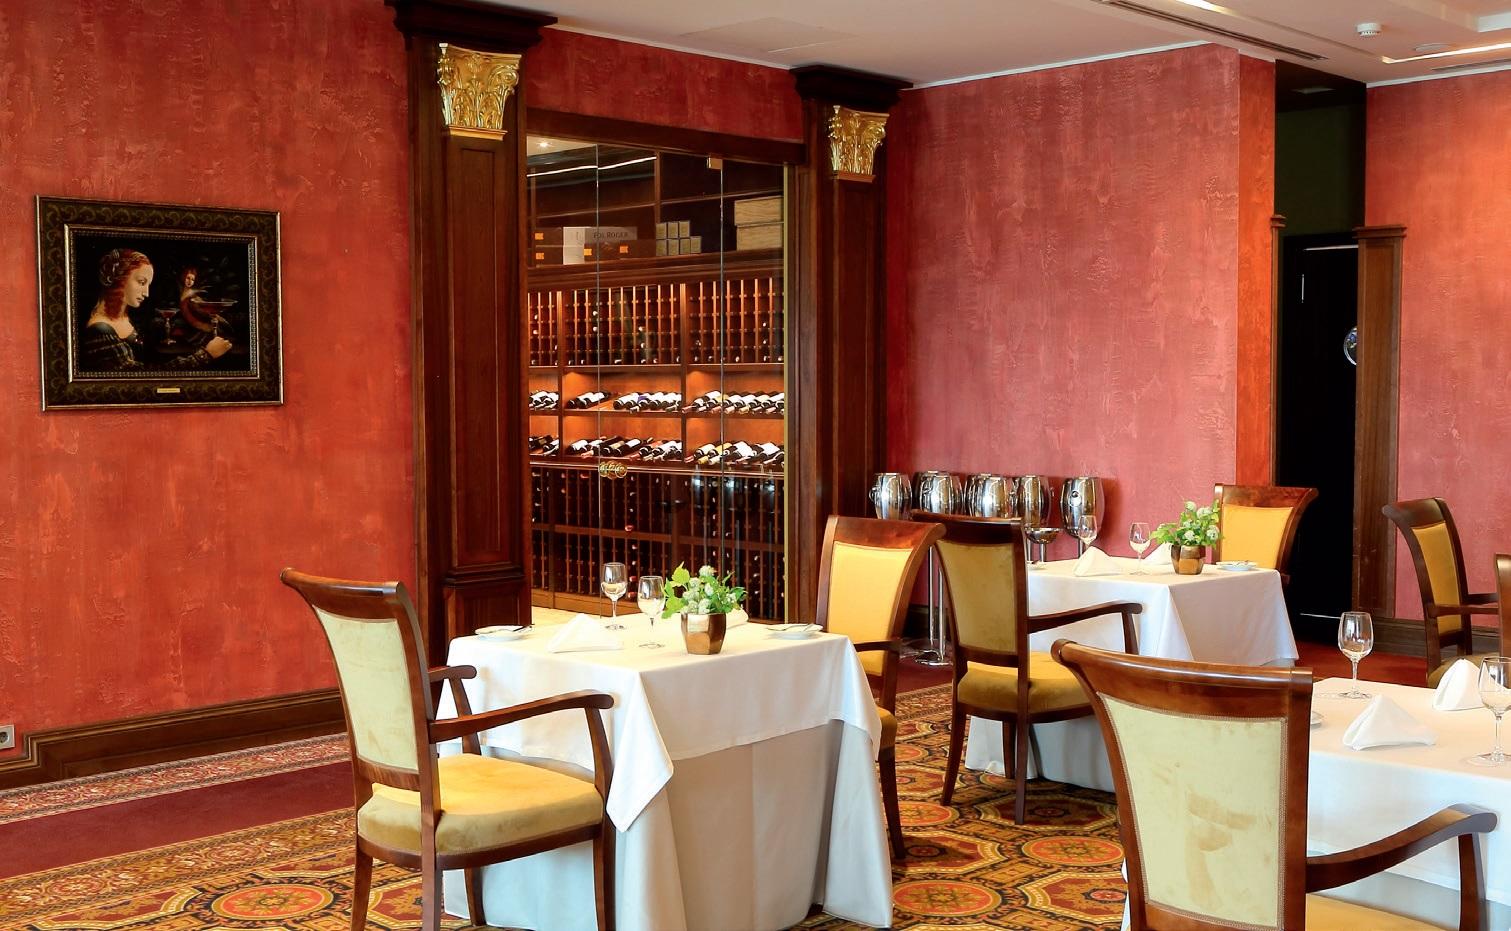 Restorane įrengtas ir atskiras vyno kambarys